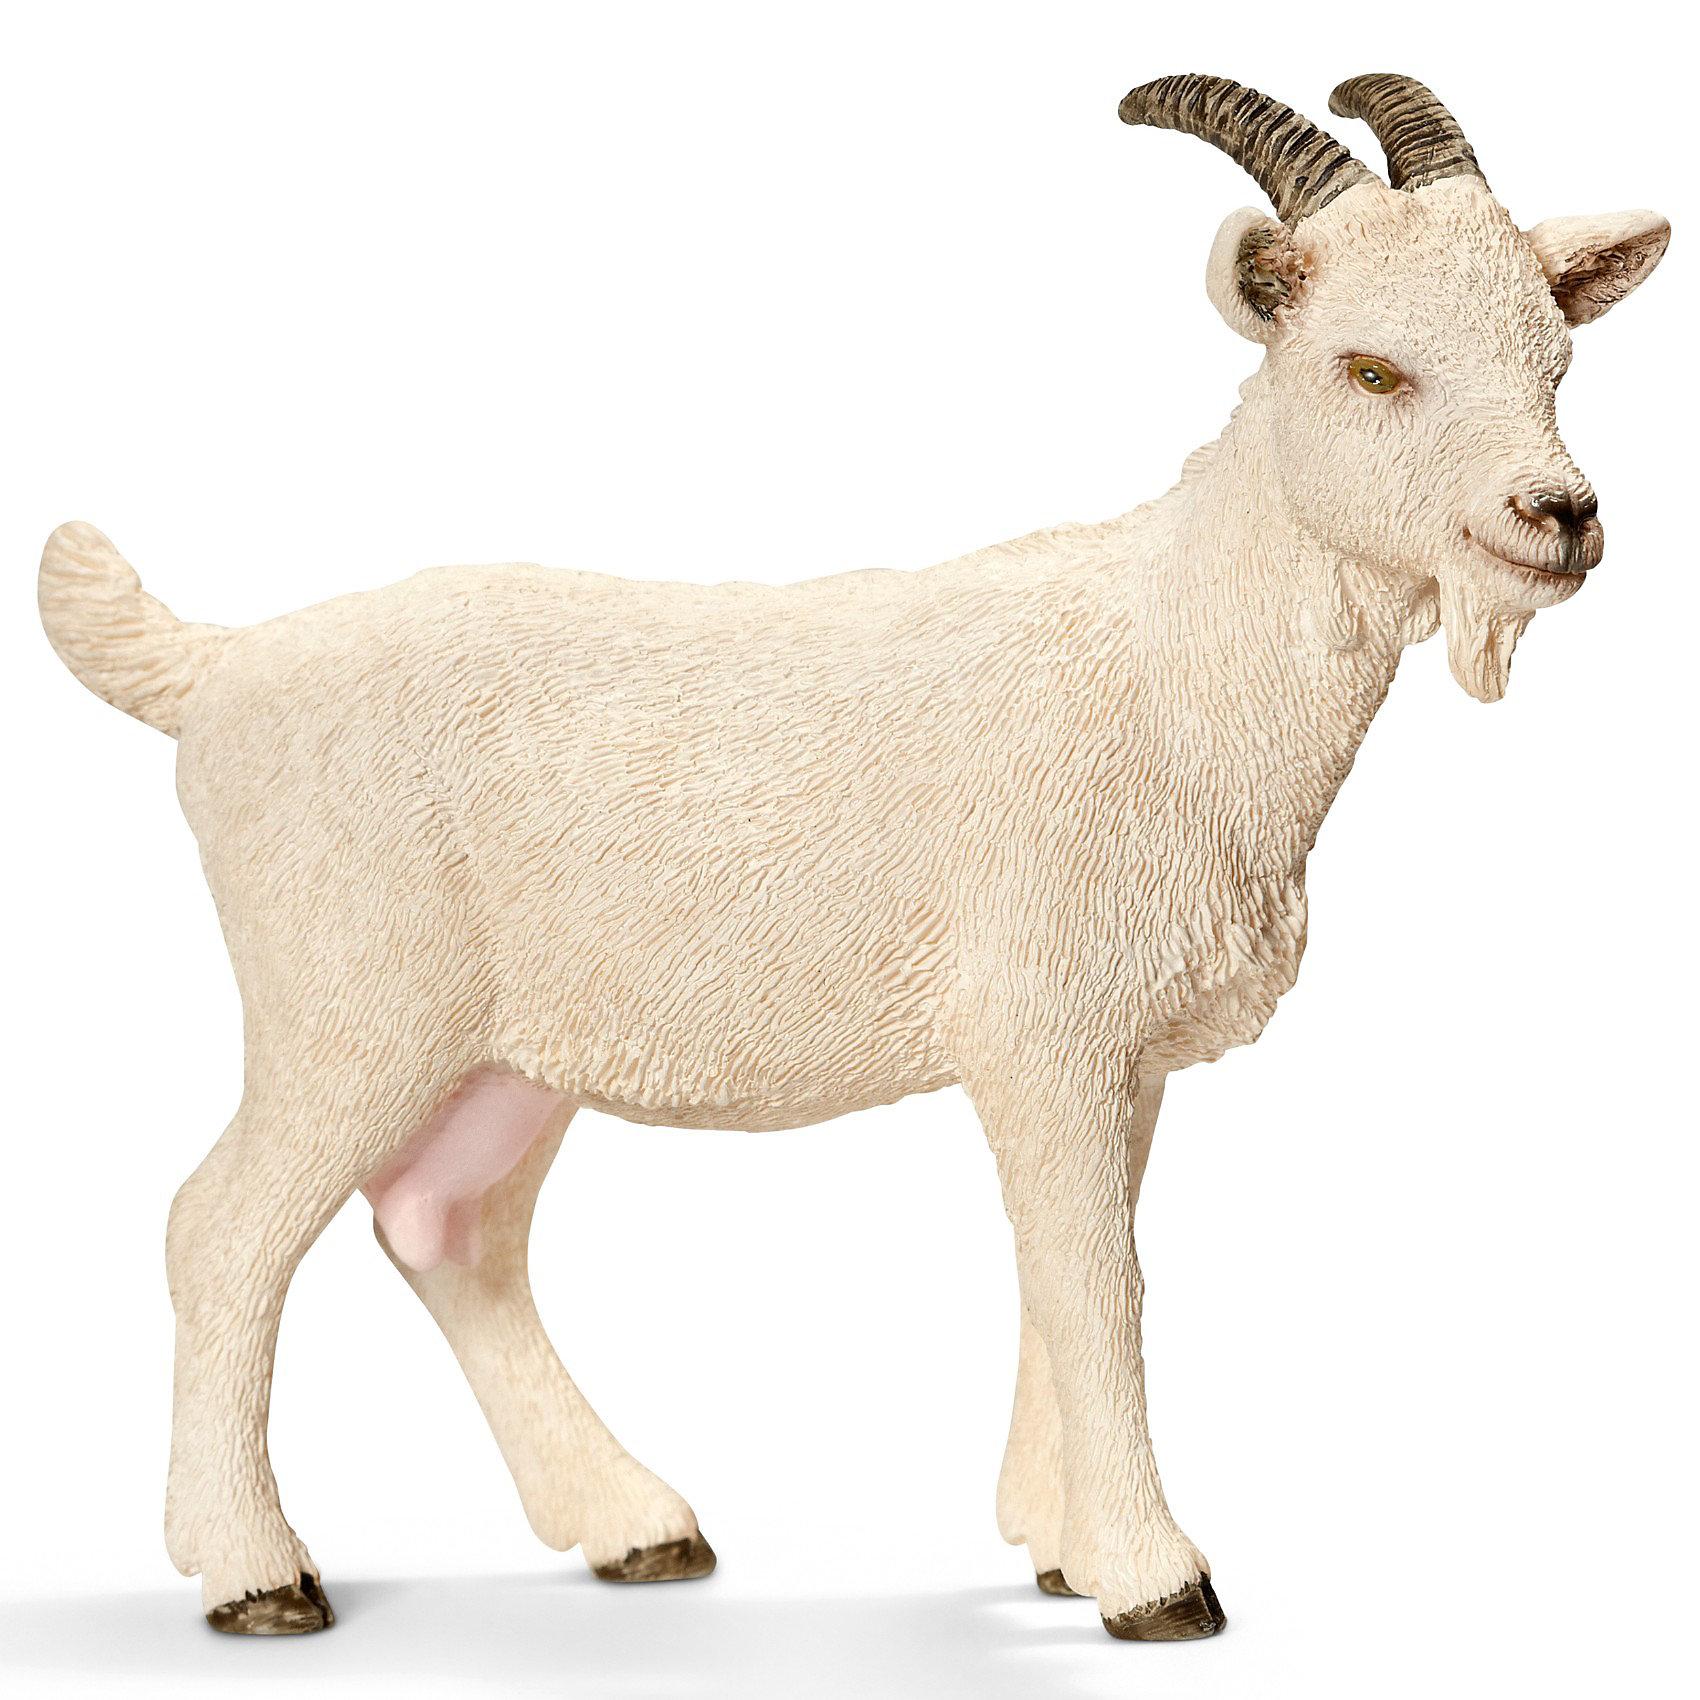 Schleich Schleich Домашняя коза. Серия Домашние животные schleich schleich зайчата серия домашние животные